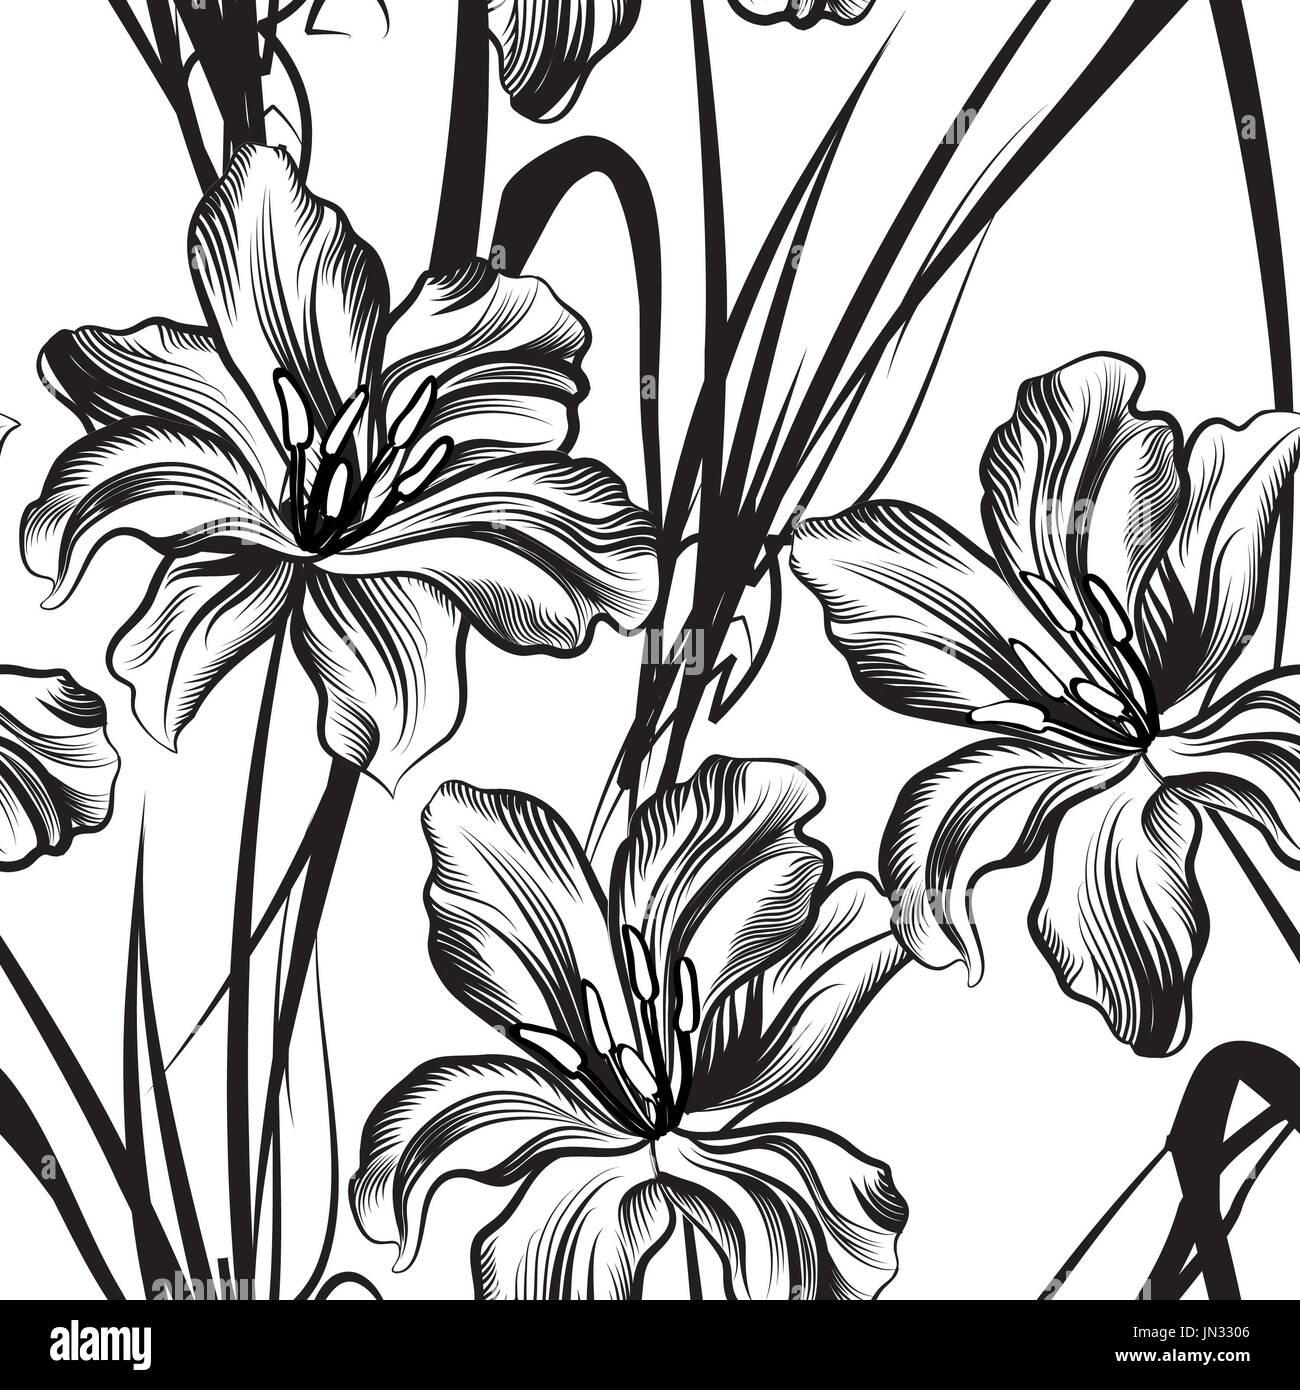 Motif floral fleur fond transparent.. floral seamless